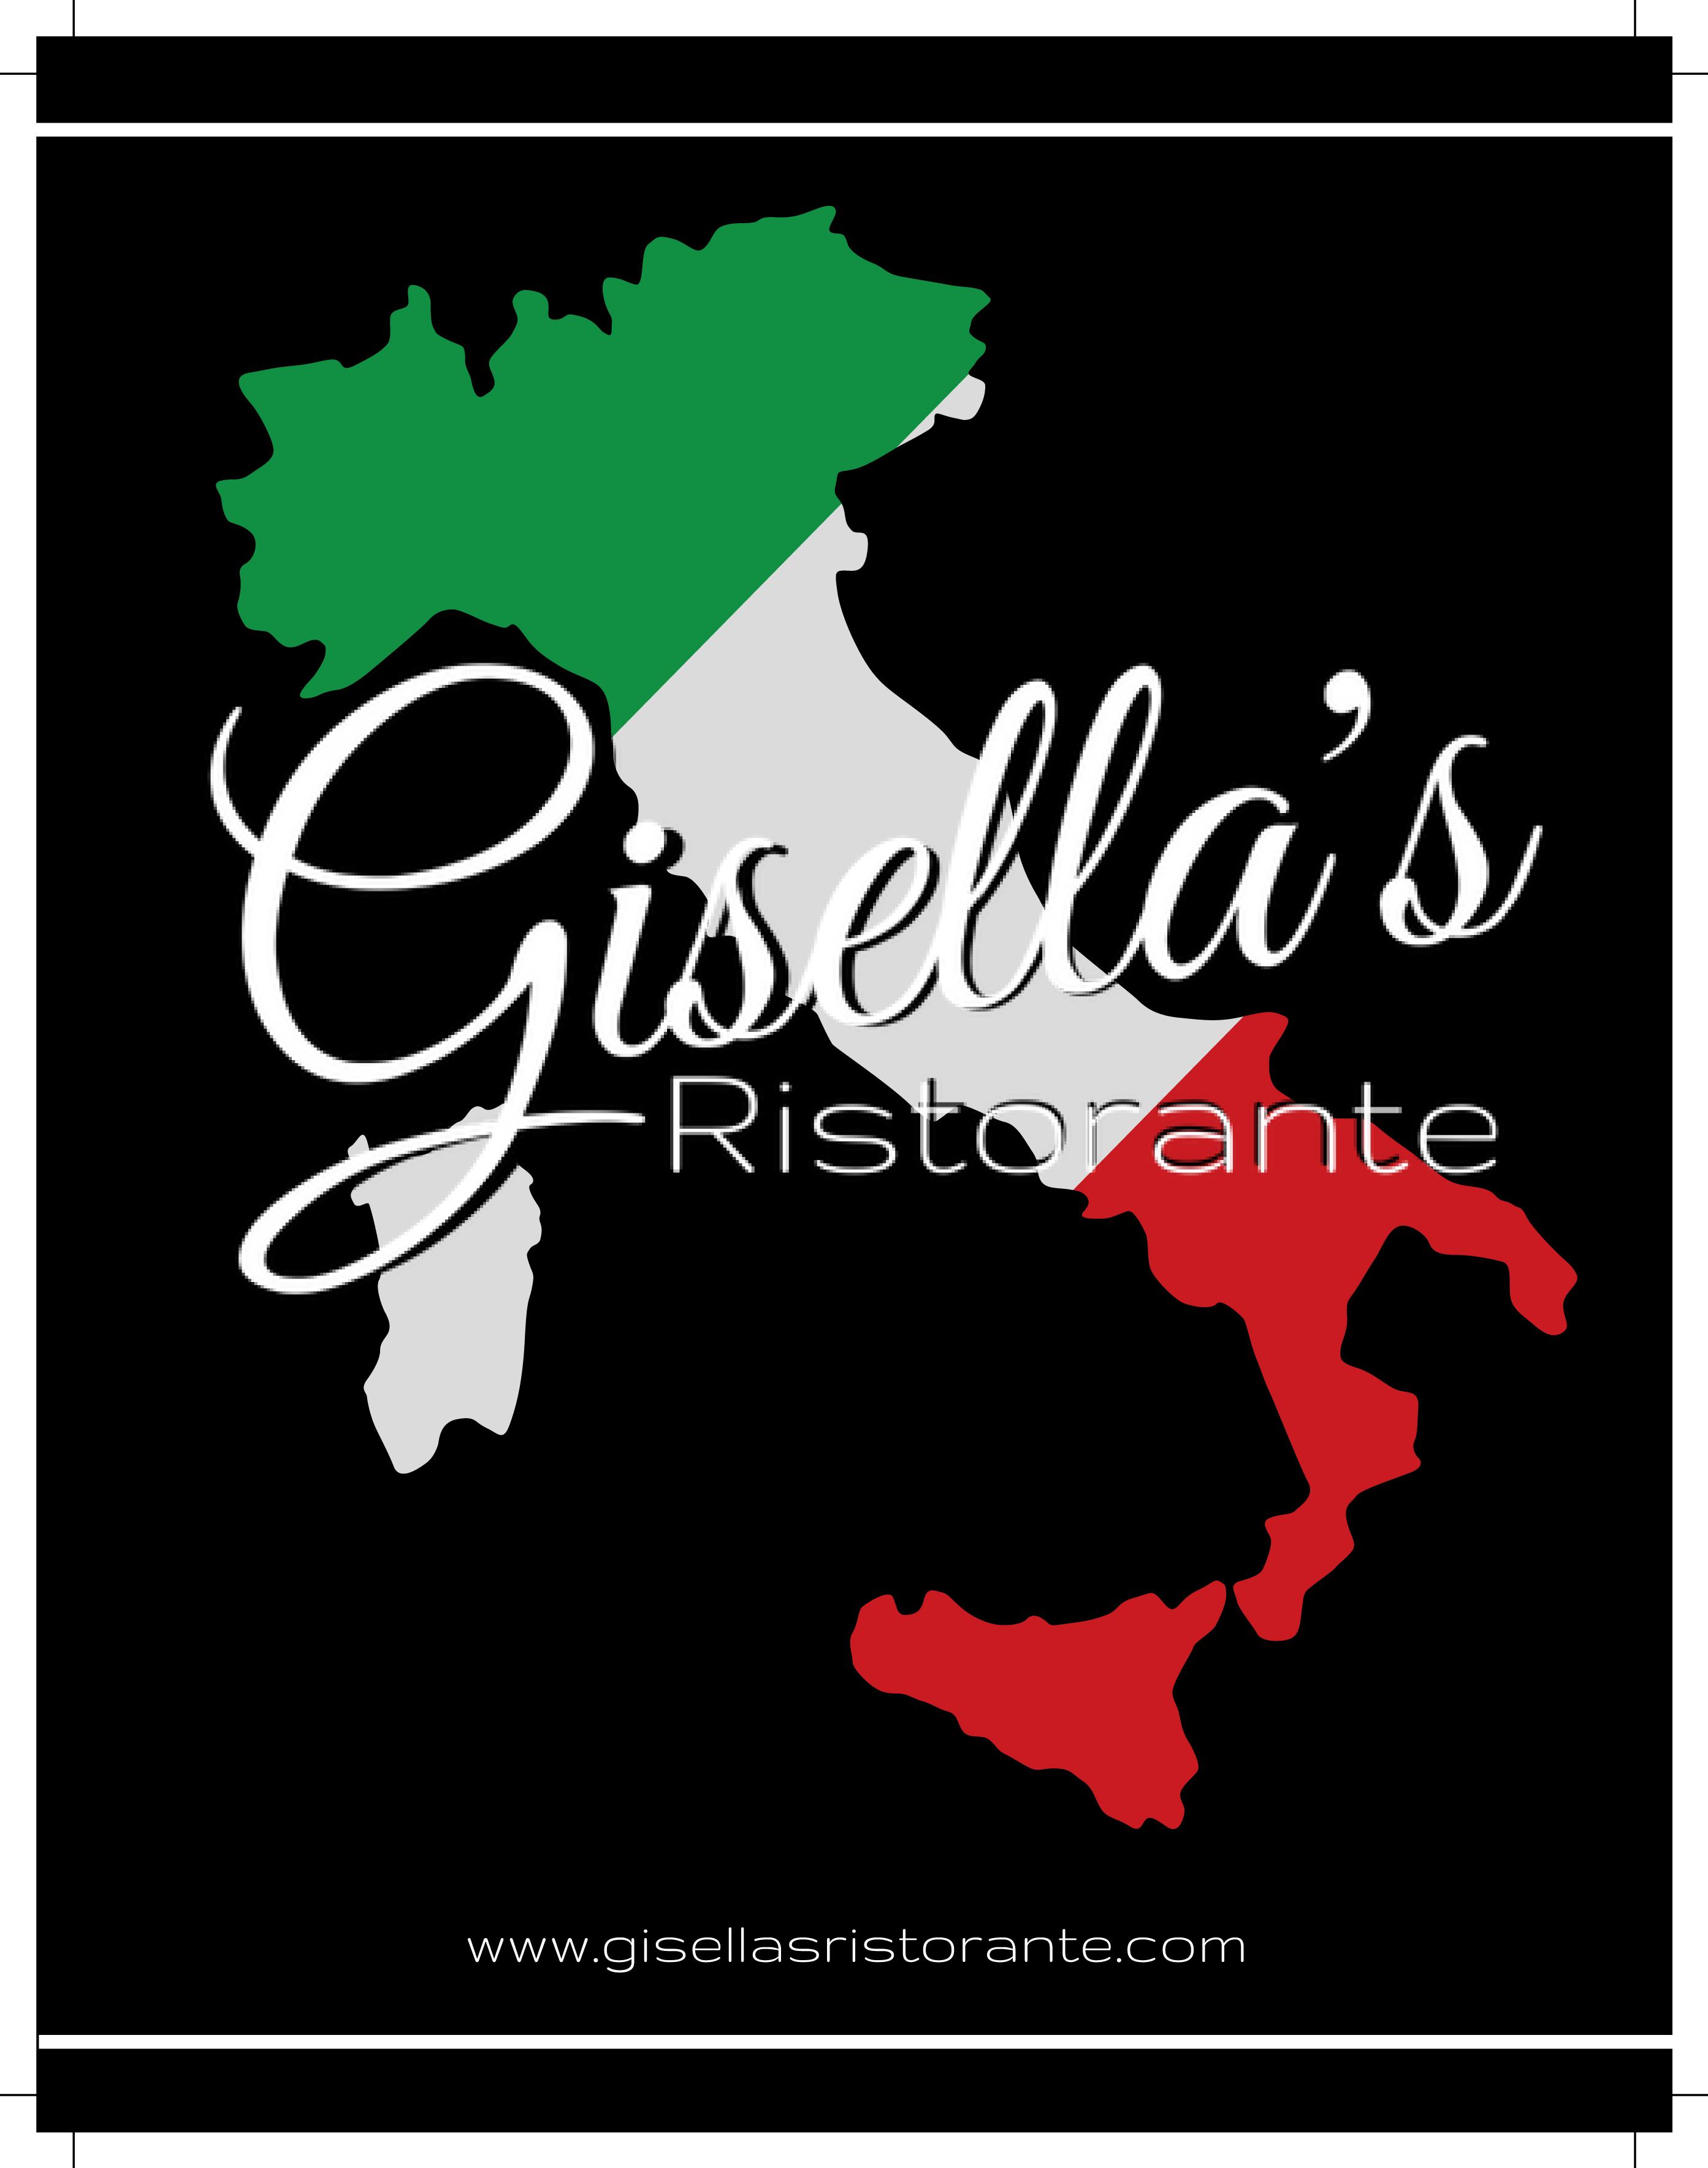 Gisella's Ristorante